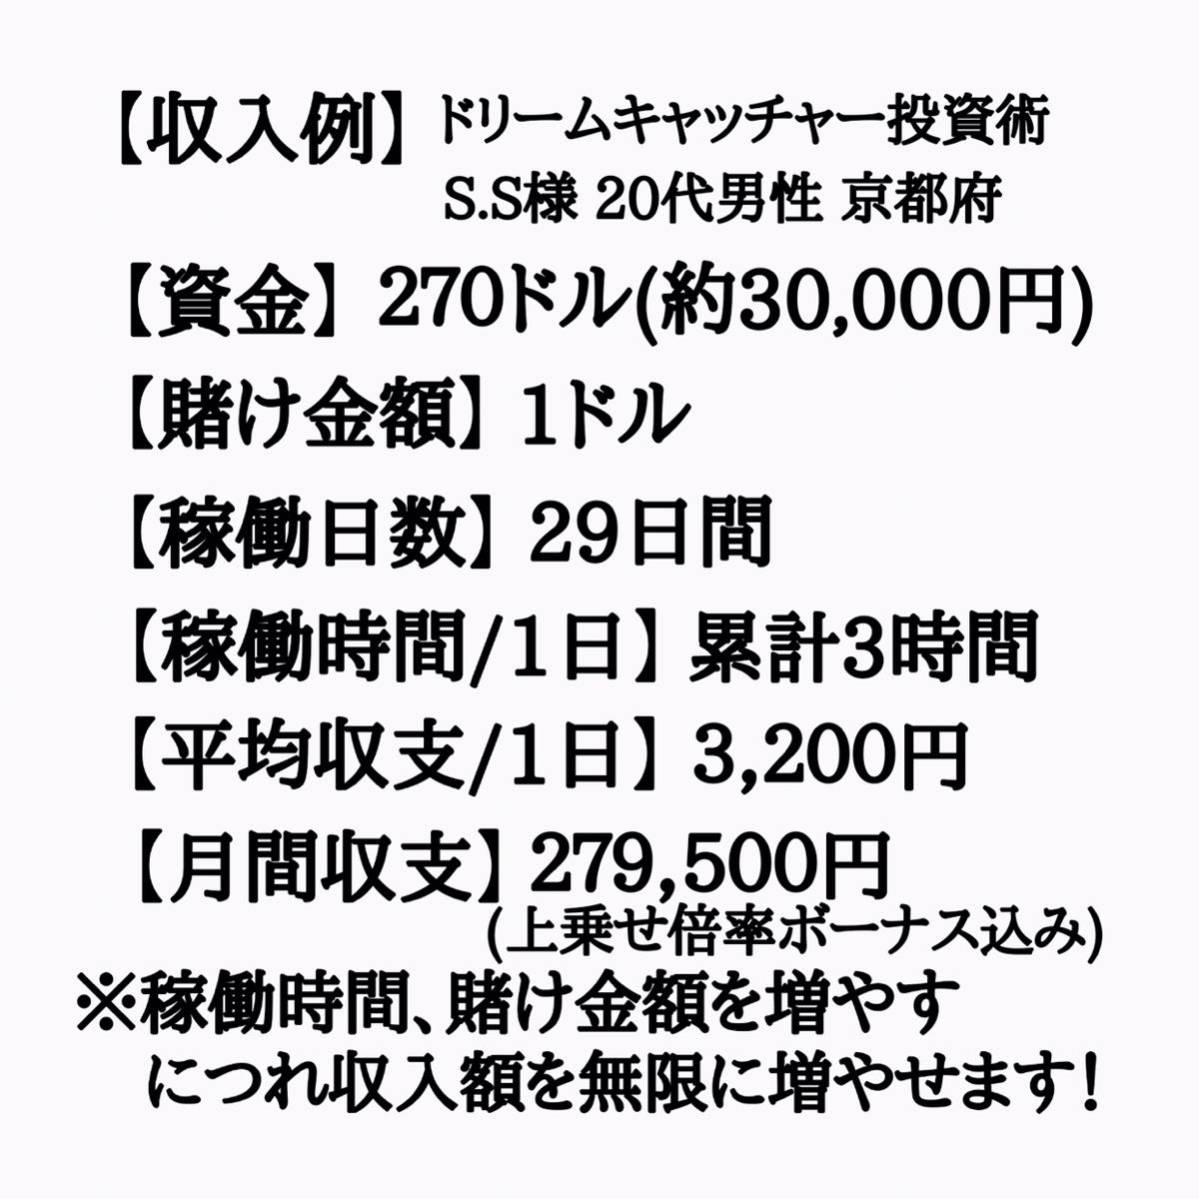 《先着3名様限定》通常価格¥90,000円⇒先着限定価格¥6,980円 完全オリジナル極秘投資術セット 攻略法 仮想通貨 FX 投資 カジノ 副業 0_画像9